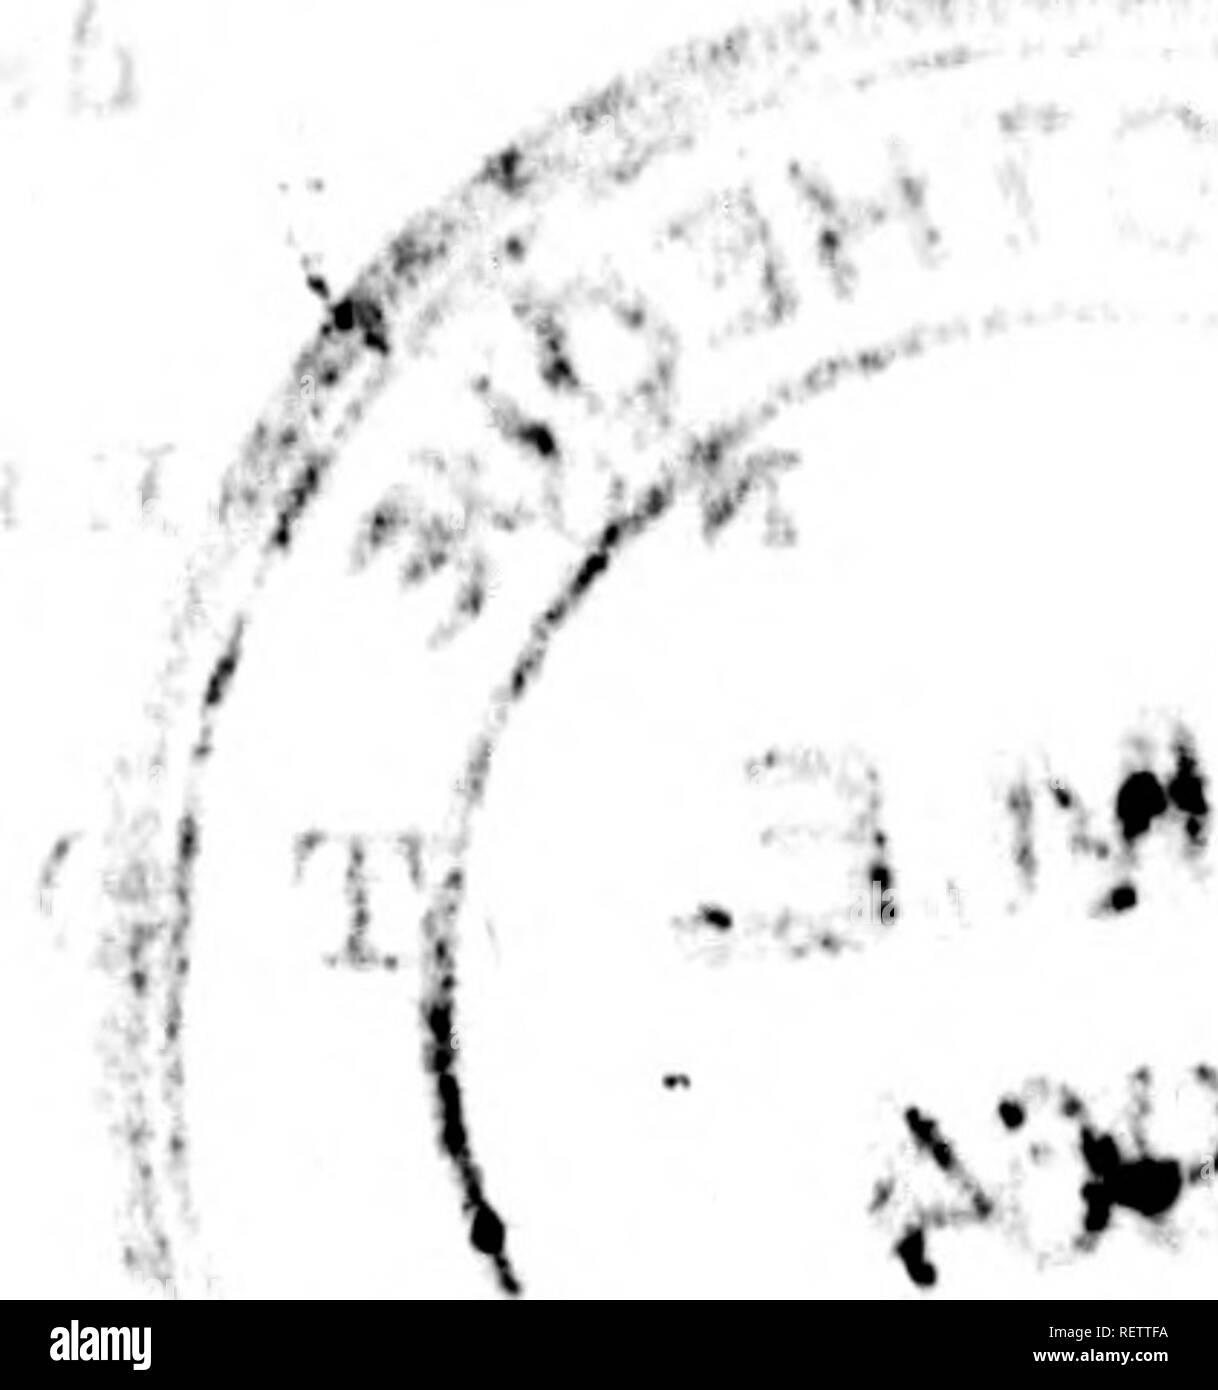 """. Histoire naturelle de Buffon [microforme] : classée par ordres, genres et espèces, d'après le système de Linné avec les caractères géné riques et la nomenclature Linnéenne. Sciences naturelles; Anthropologie; Natural history; Anthropology. t*. i 'î.:. Adii j » ⢠- Â« ili:'i < , A Ã. i. /â (  âºÂ» / »â î Ci fi - 1 ;ç Â«:'J Ij .-*â¢â ^ ' ⢠J iO :iii » ;⢠4. u ⢠1. ;. ir : K. /^ .} c-tii H s } f.d. 'in!f""""'- (?i, J J'*-1f .:! .1; ;i Tio; ,f: t) i T 1 11 .>. â¢.rir.-.uiMiî-a/M't Wri"""" '/ i. '^6^ * â s 'â 4*Mrfi#1 w Â«4.v,'>r â¢tnÂ«Â«>WM-.Â«M. ⢠""""^ â - Stock Image"""